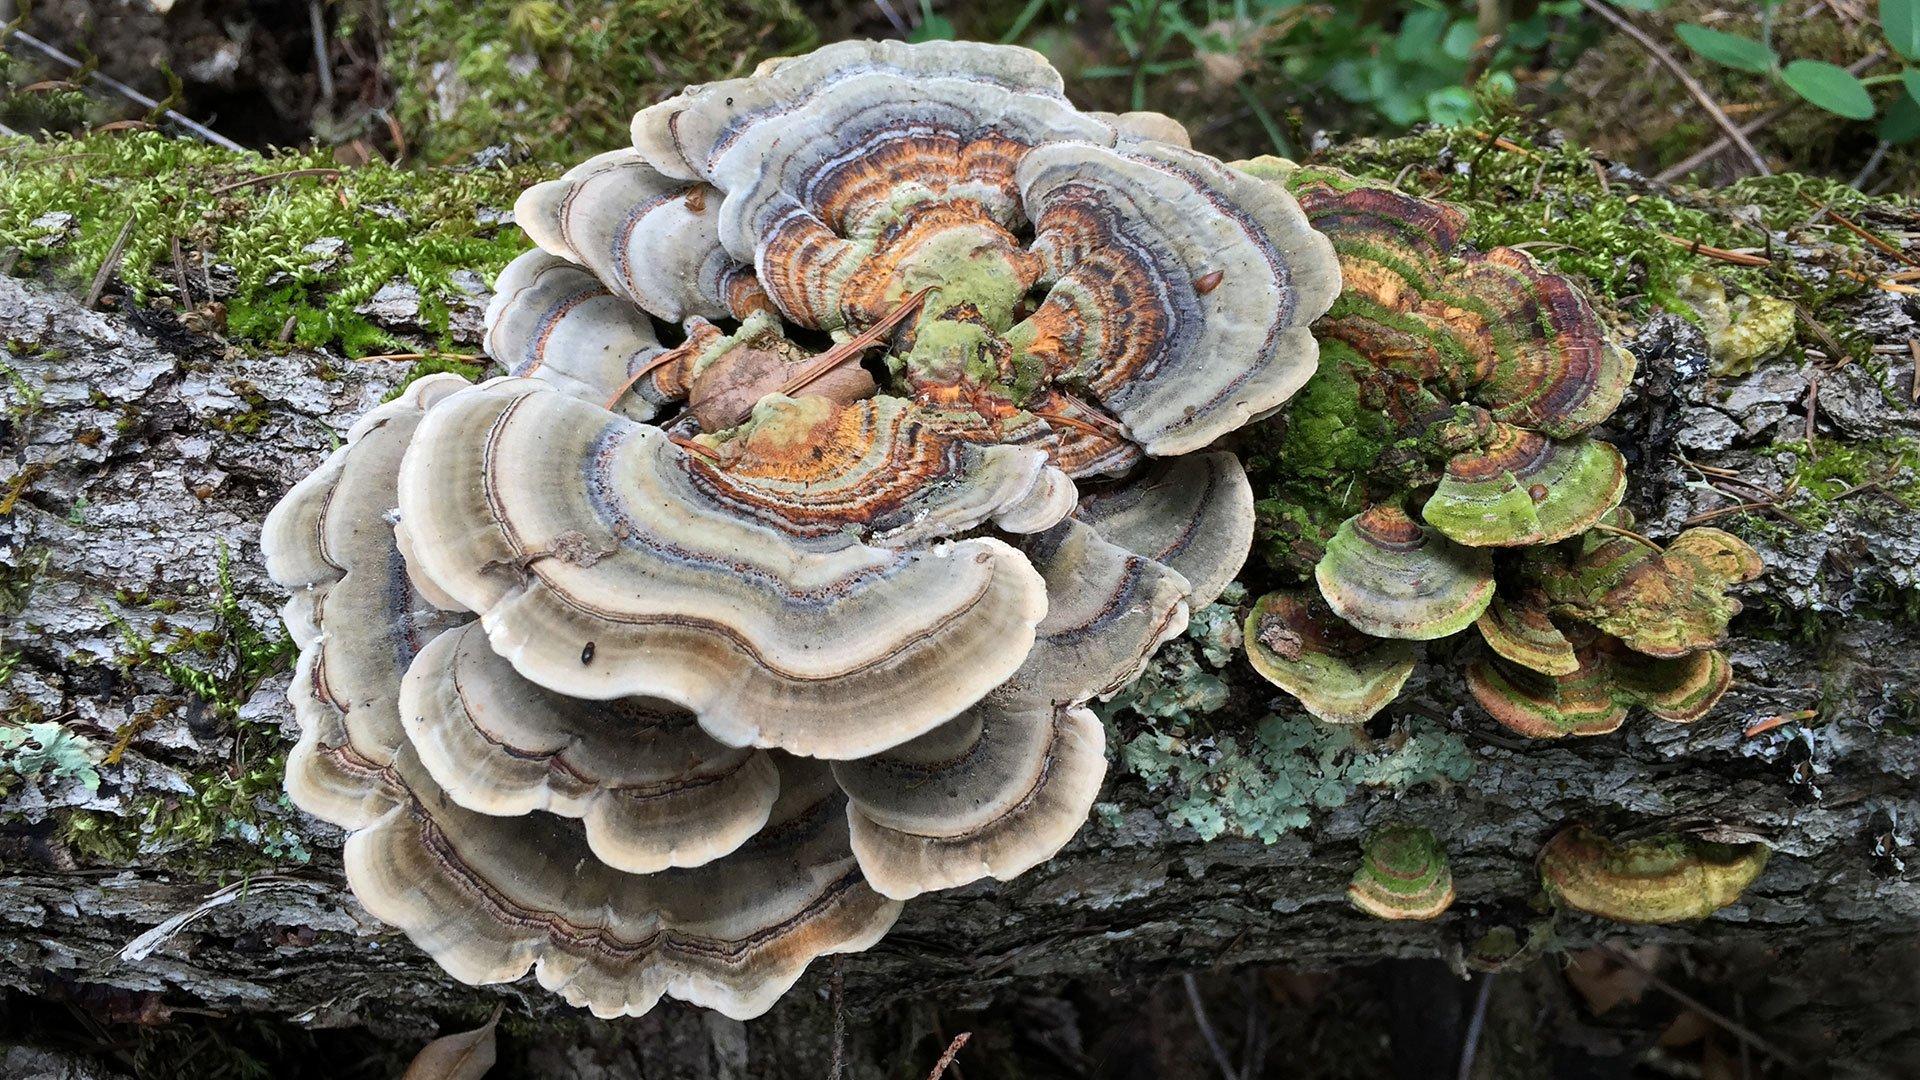 Mushroom and Mycelium